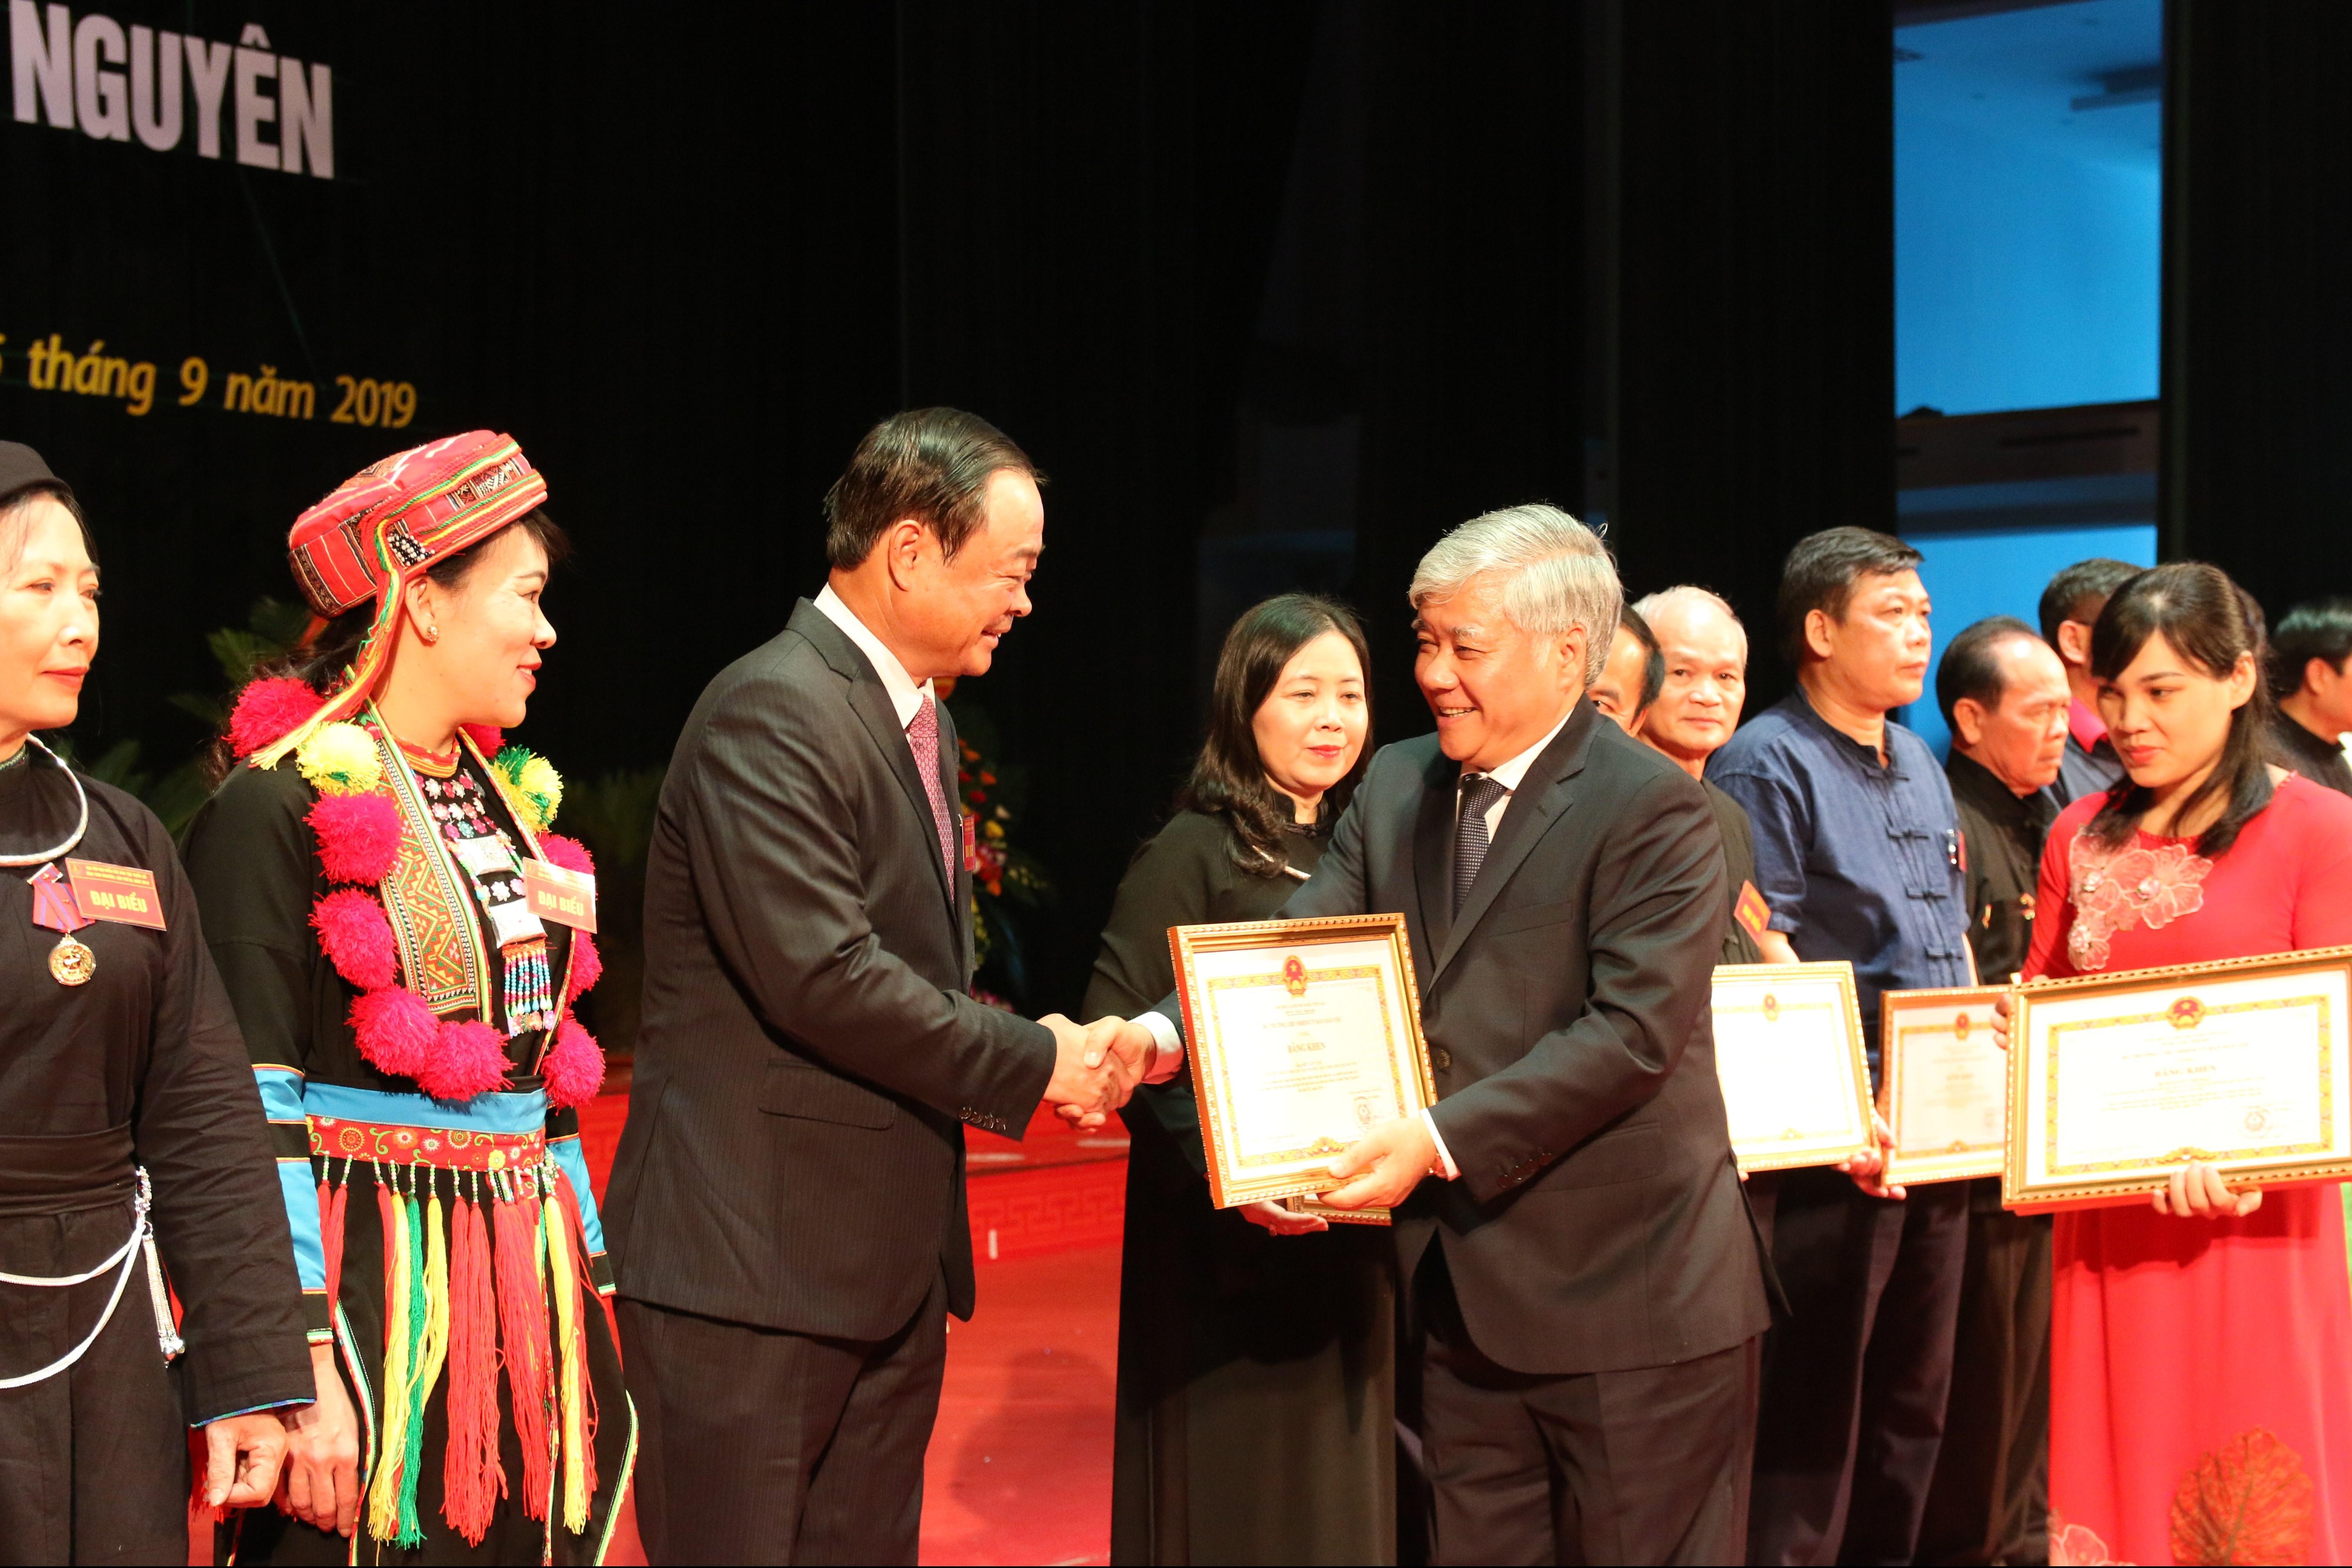 Bộ trưởng, Chủ nhiệm UBDT Đỗ Văn Chiến tặng Bằng khen của UBDT cho tập thể, cá nhân có thành tích xuất sắc trong công tác dân tộc giai đoạn 2014-2019 tại Đại hội đại biểu DTTS tỉnh Thái Nguyên lần thứ III năm 2019